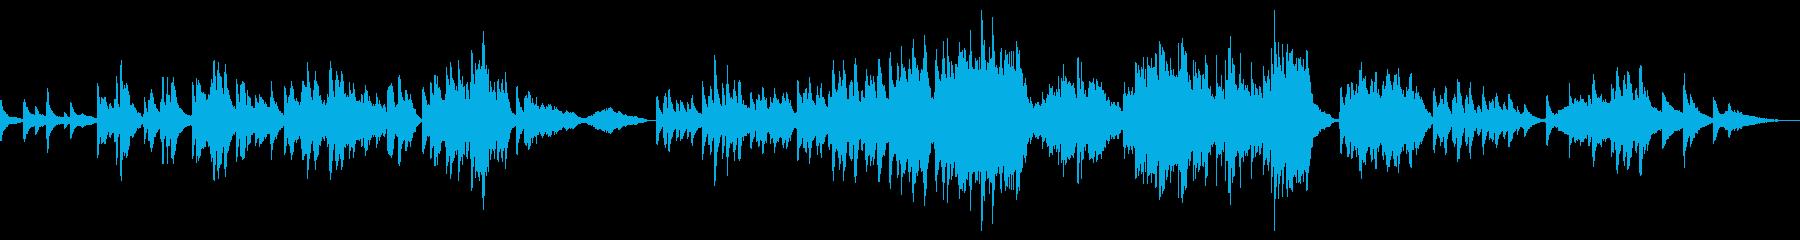 ピアノとボイスが織りなす切ないメロディーの再生済みの波形